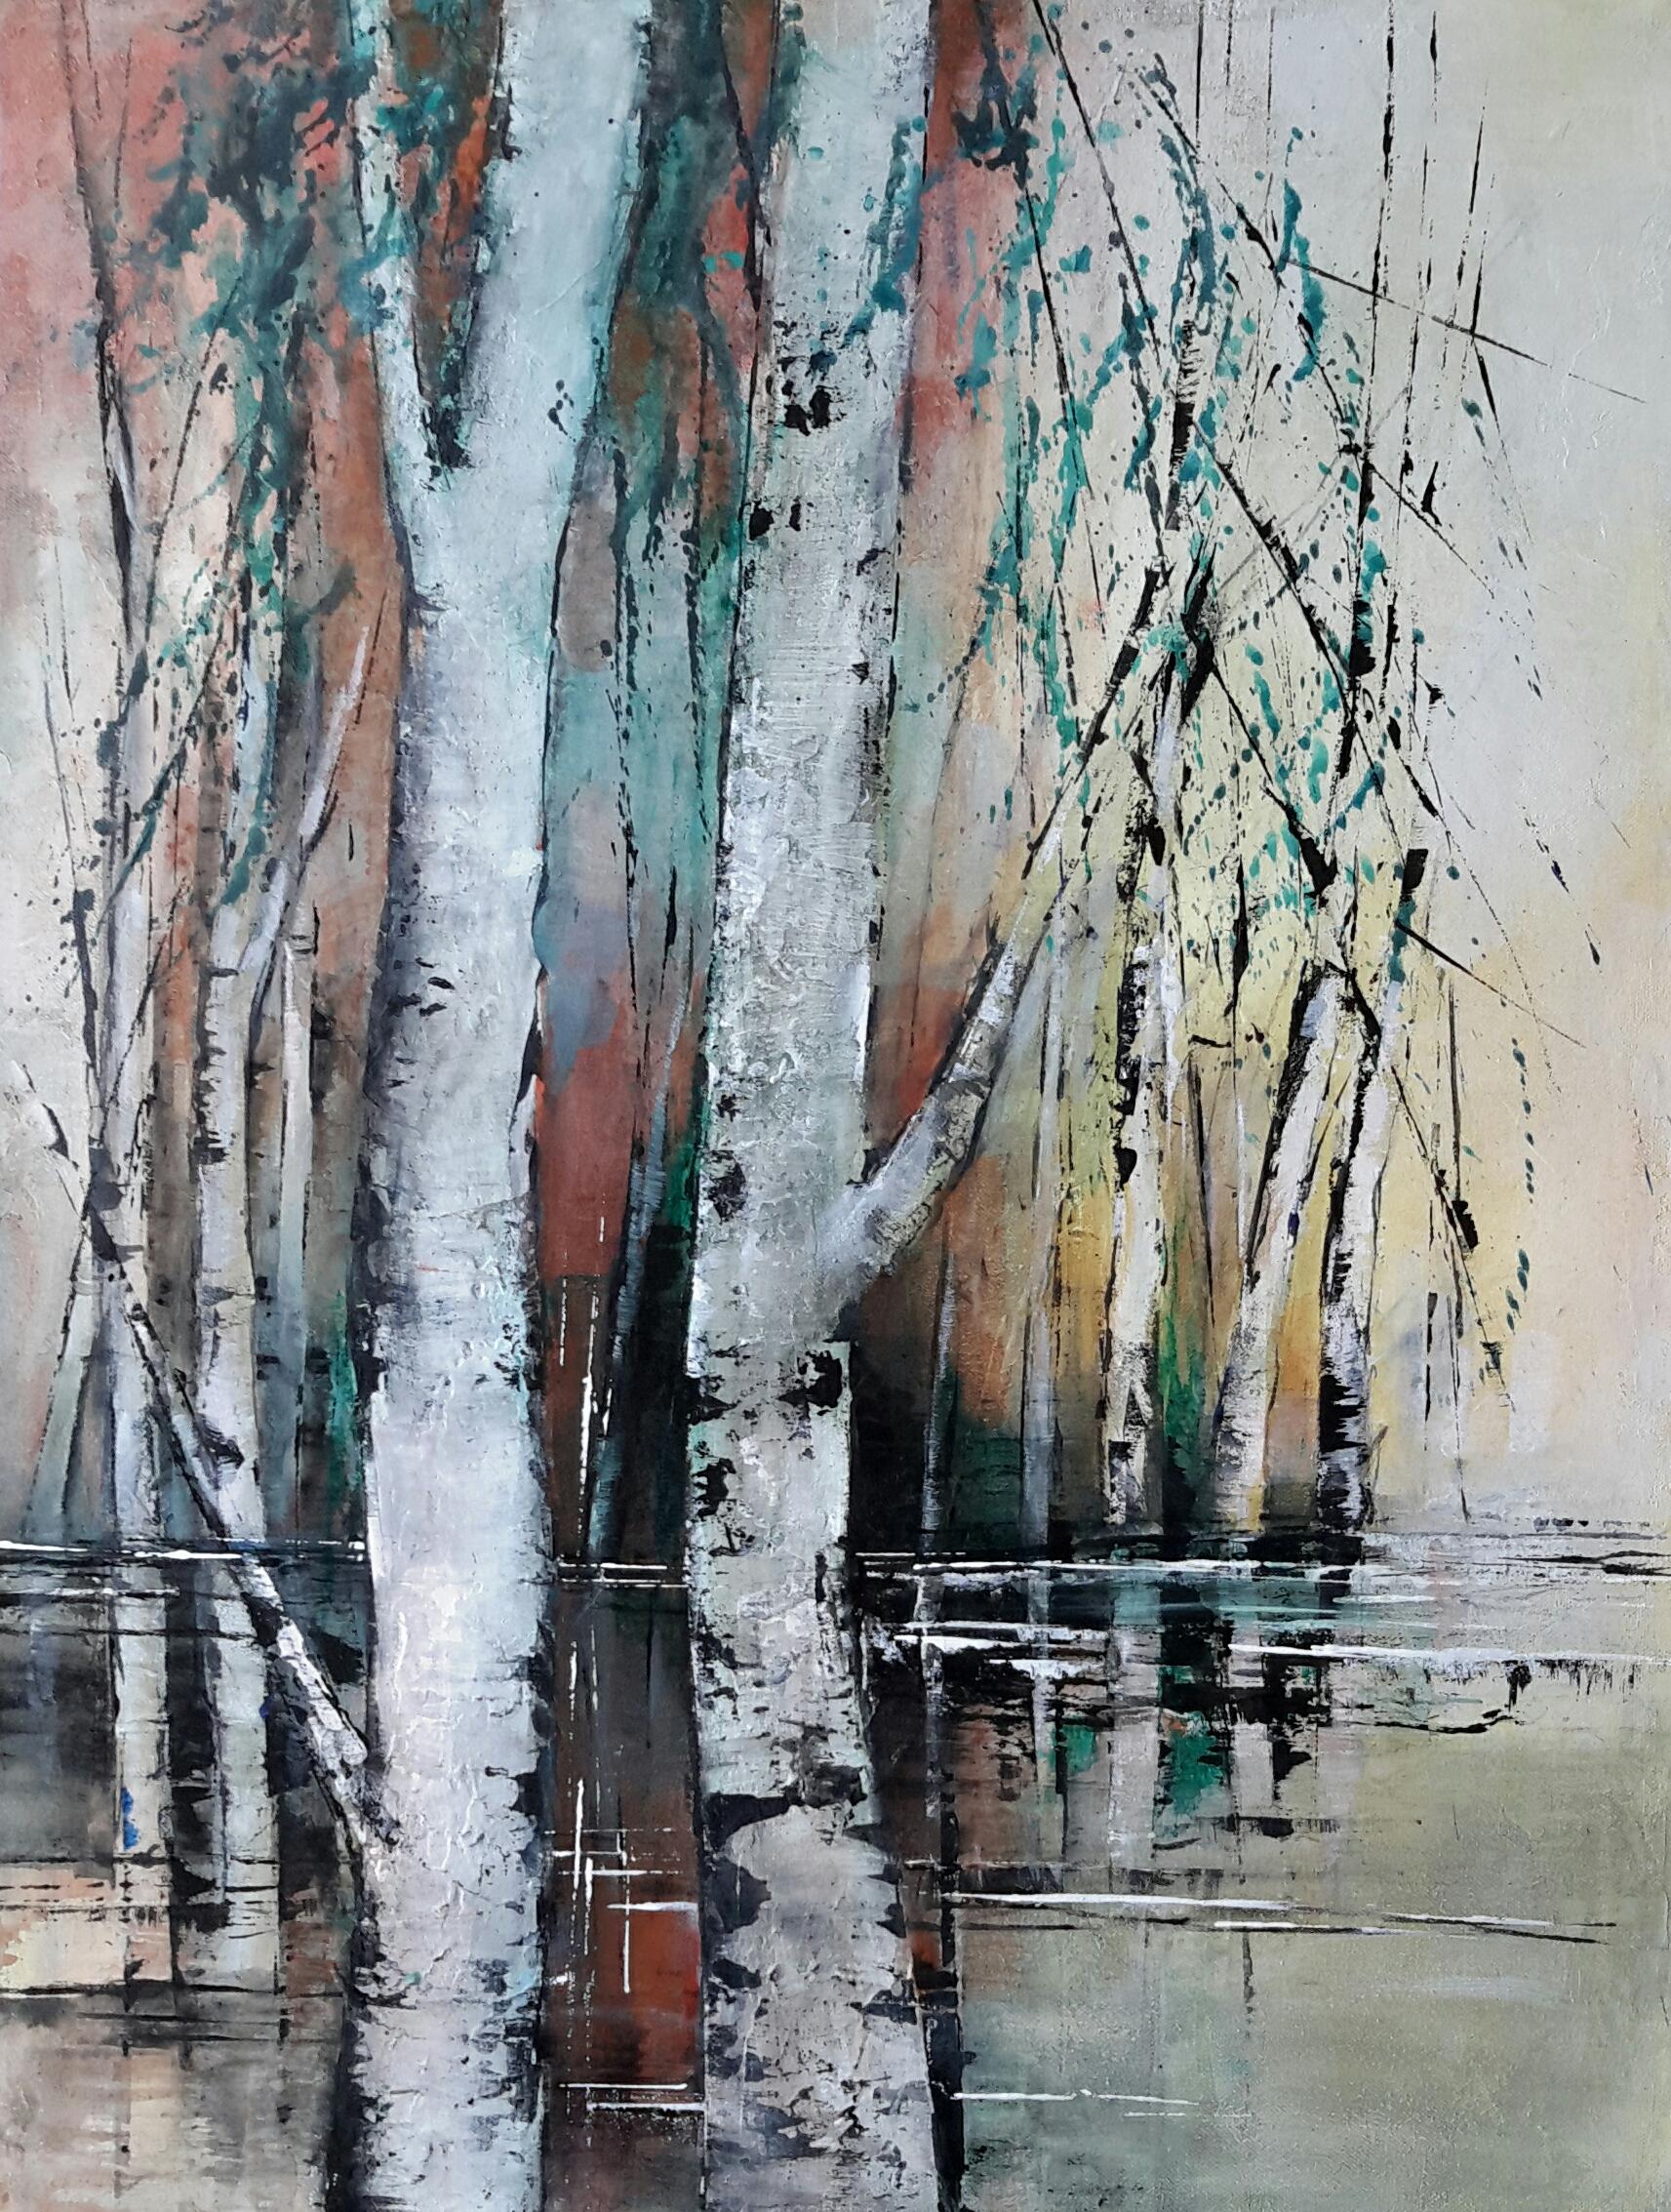 Birken am Wasser 2